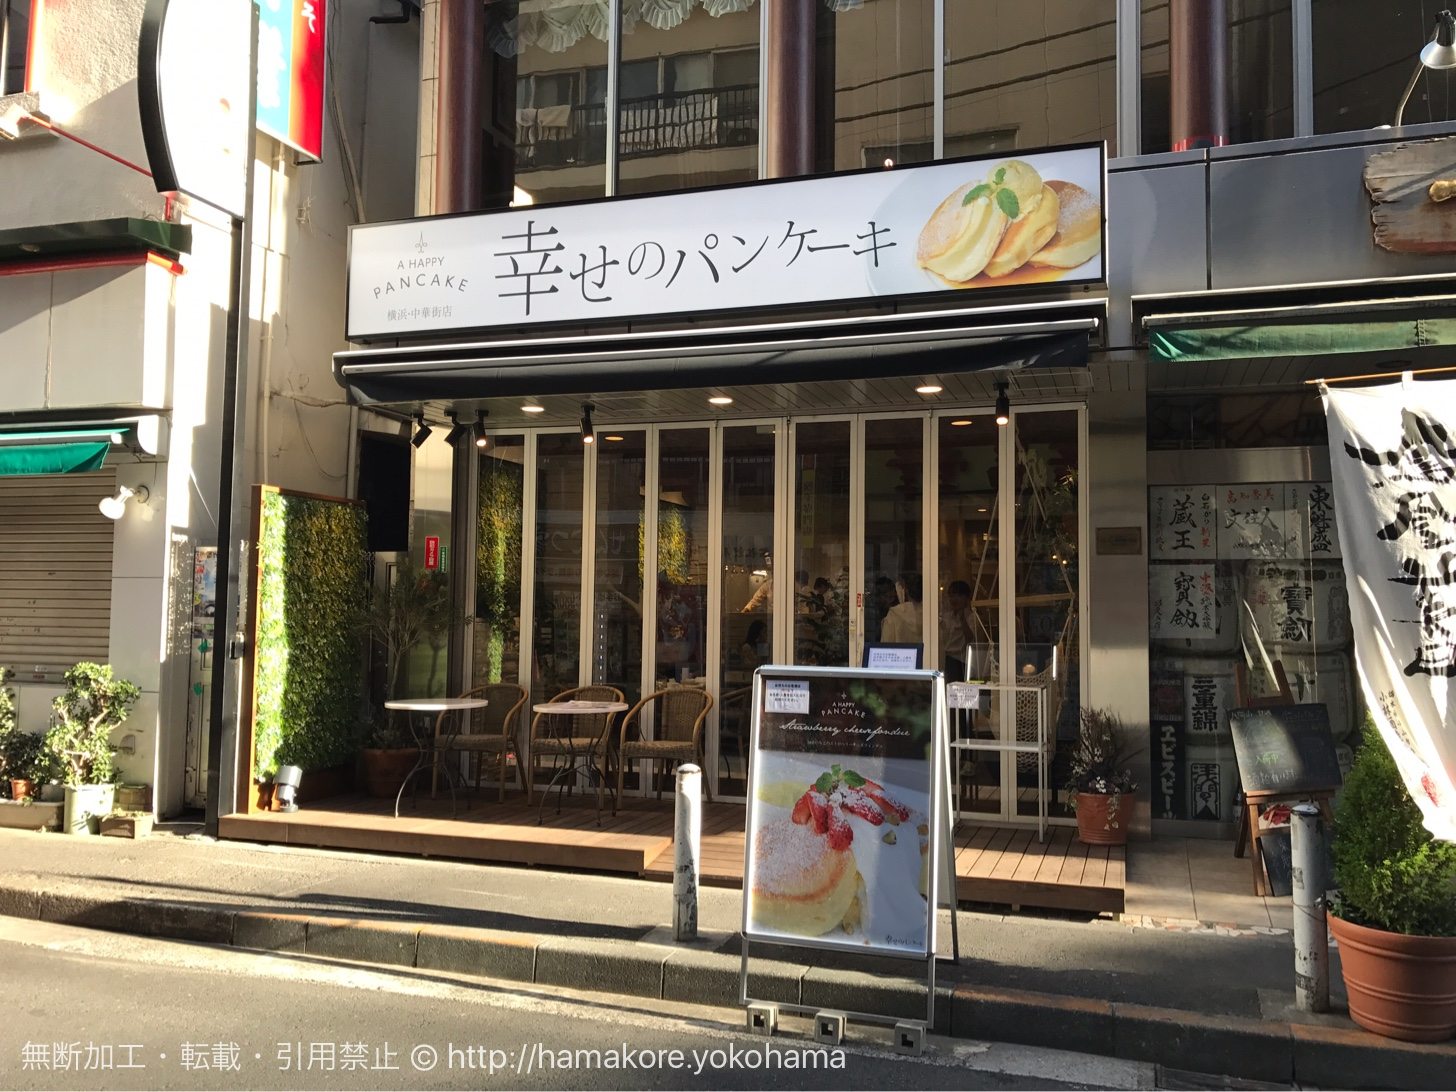 幸せのパンケーキ 横浜中華街店の予約は平日のみ電話で受付!入り口に予約記入用紙あり